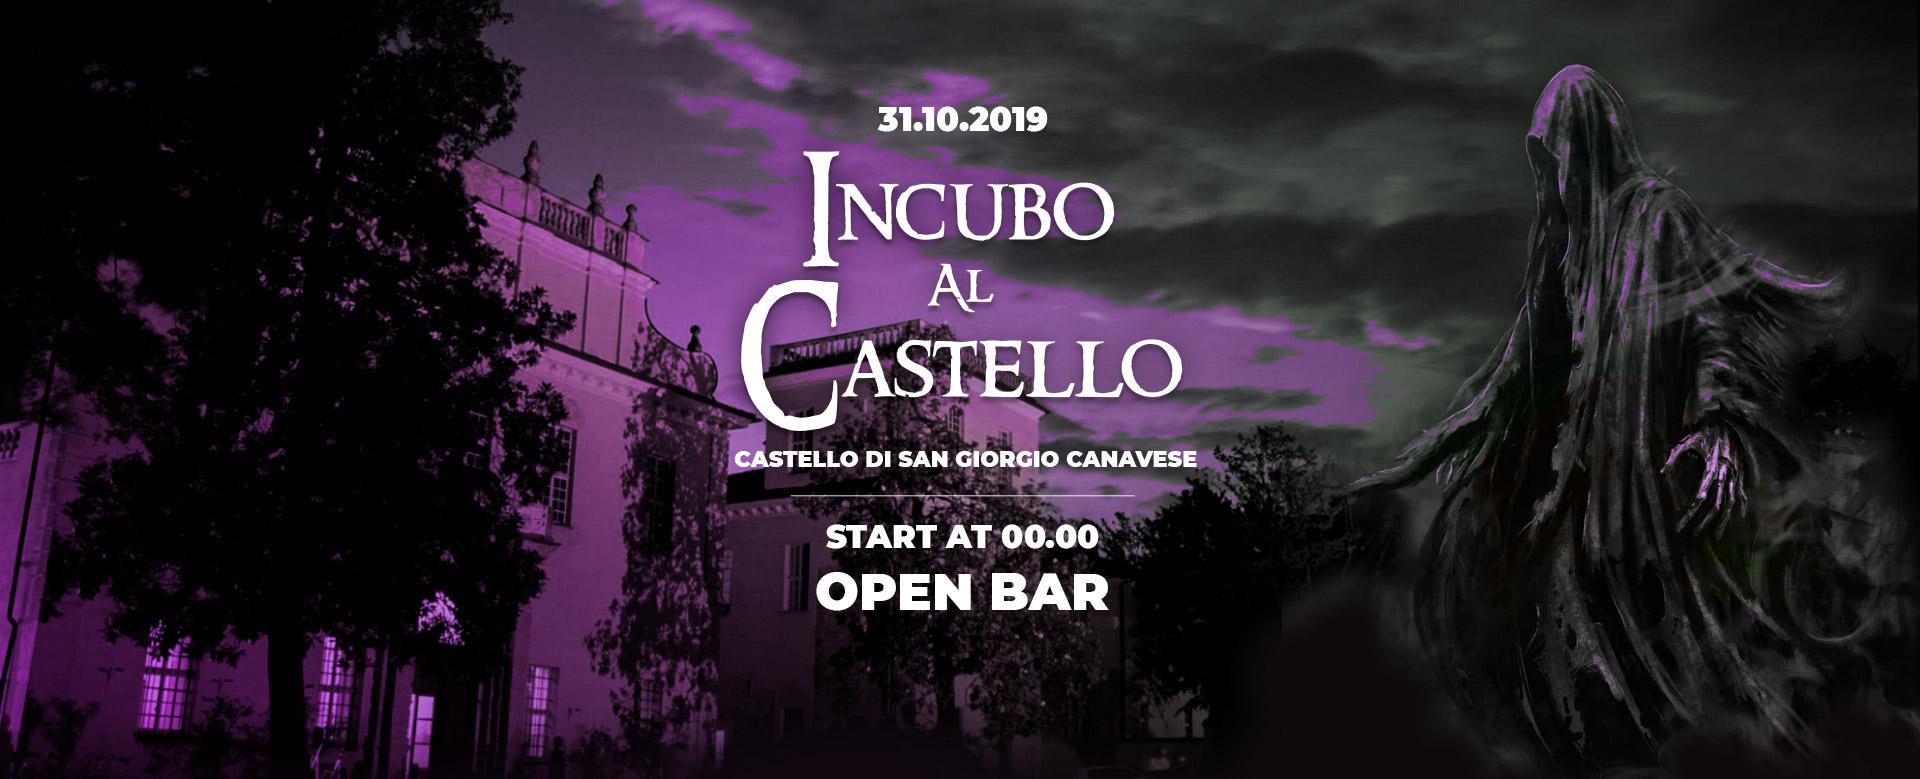 halloween 2019 evento incubo al castello di san giorgio canavese